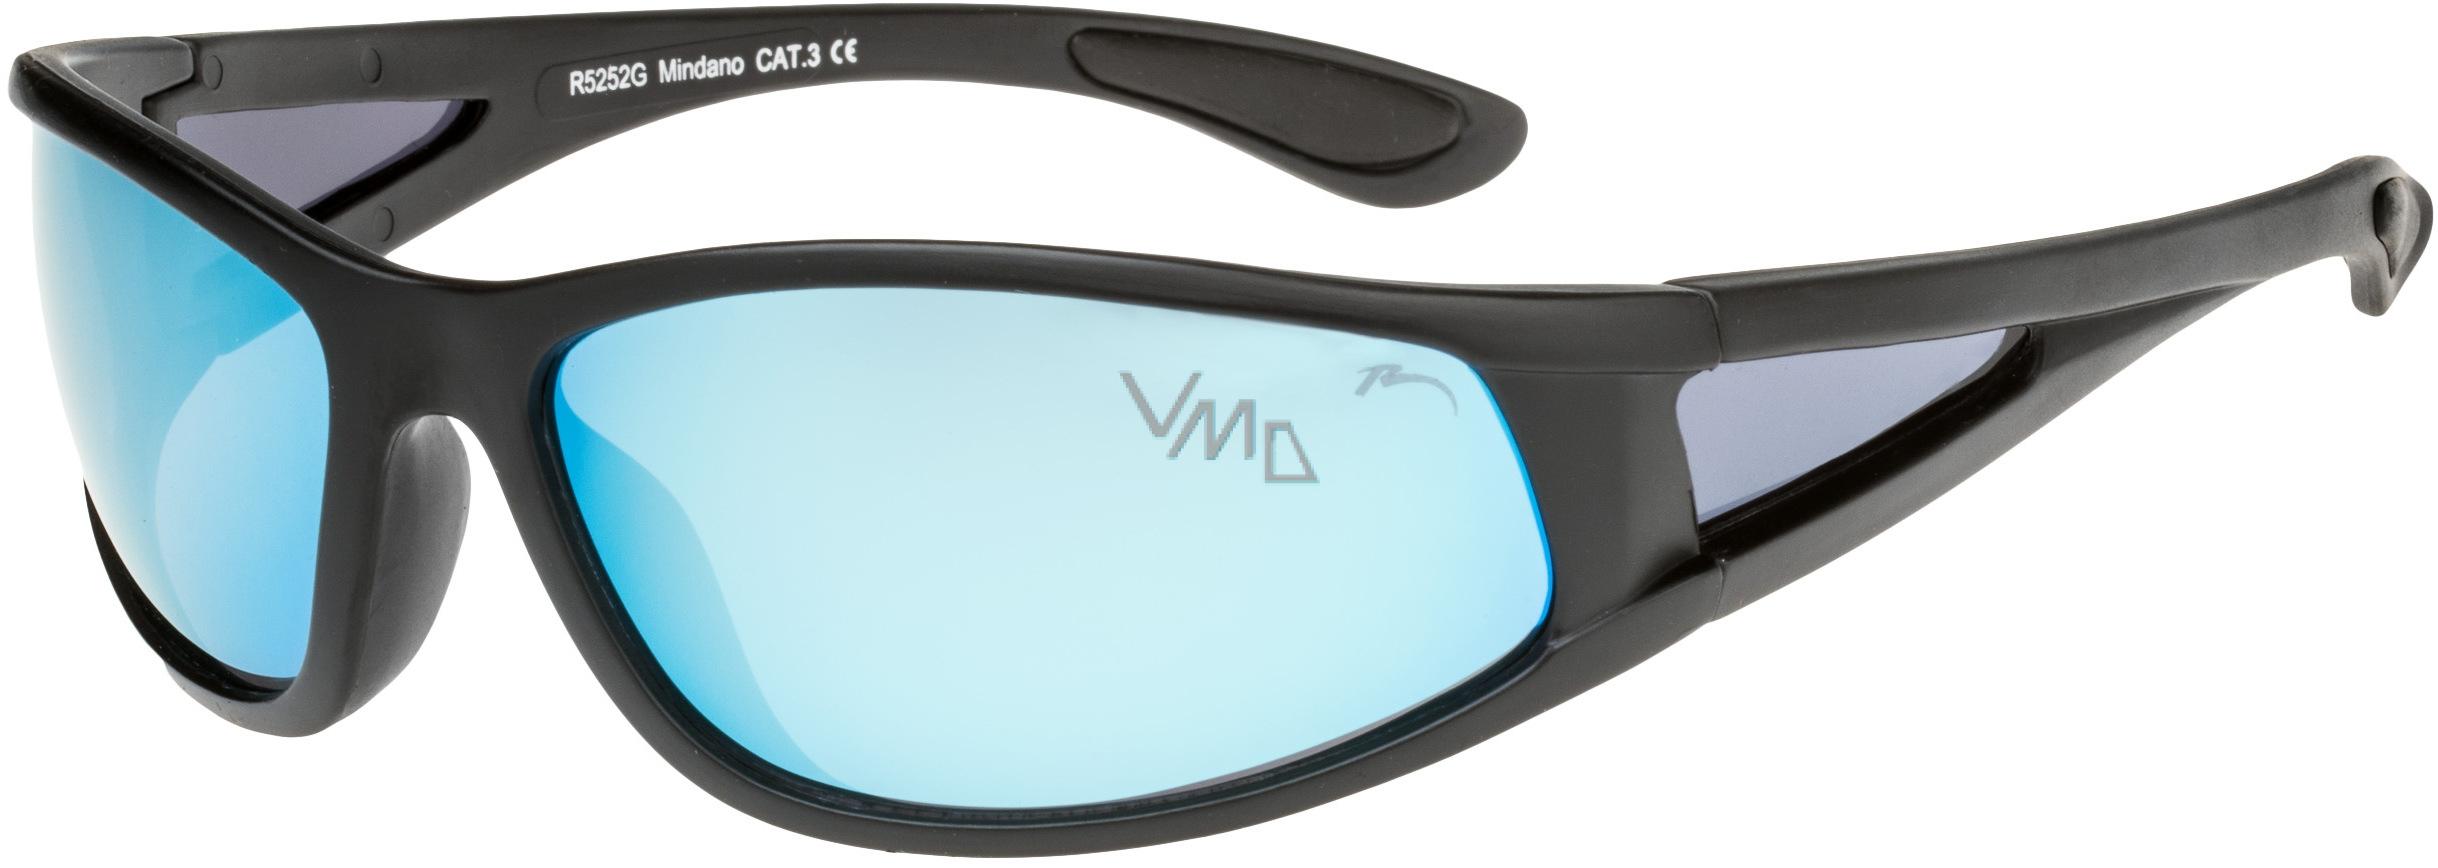 Relax Mindano sluneční brýle R5252G